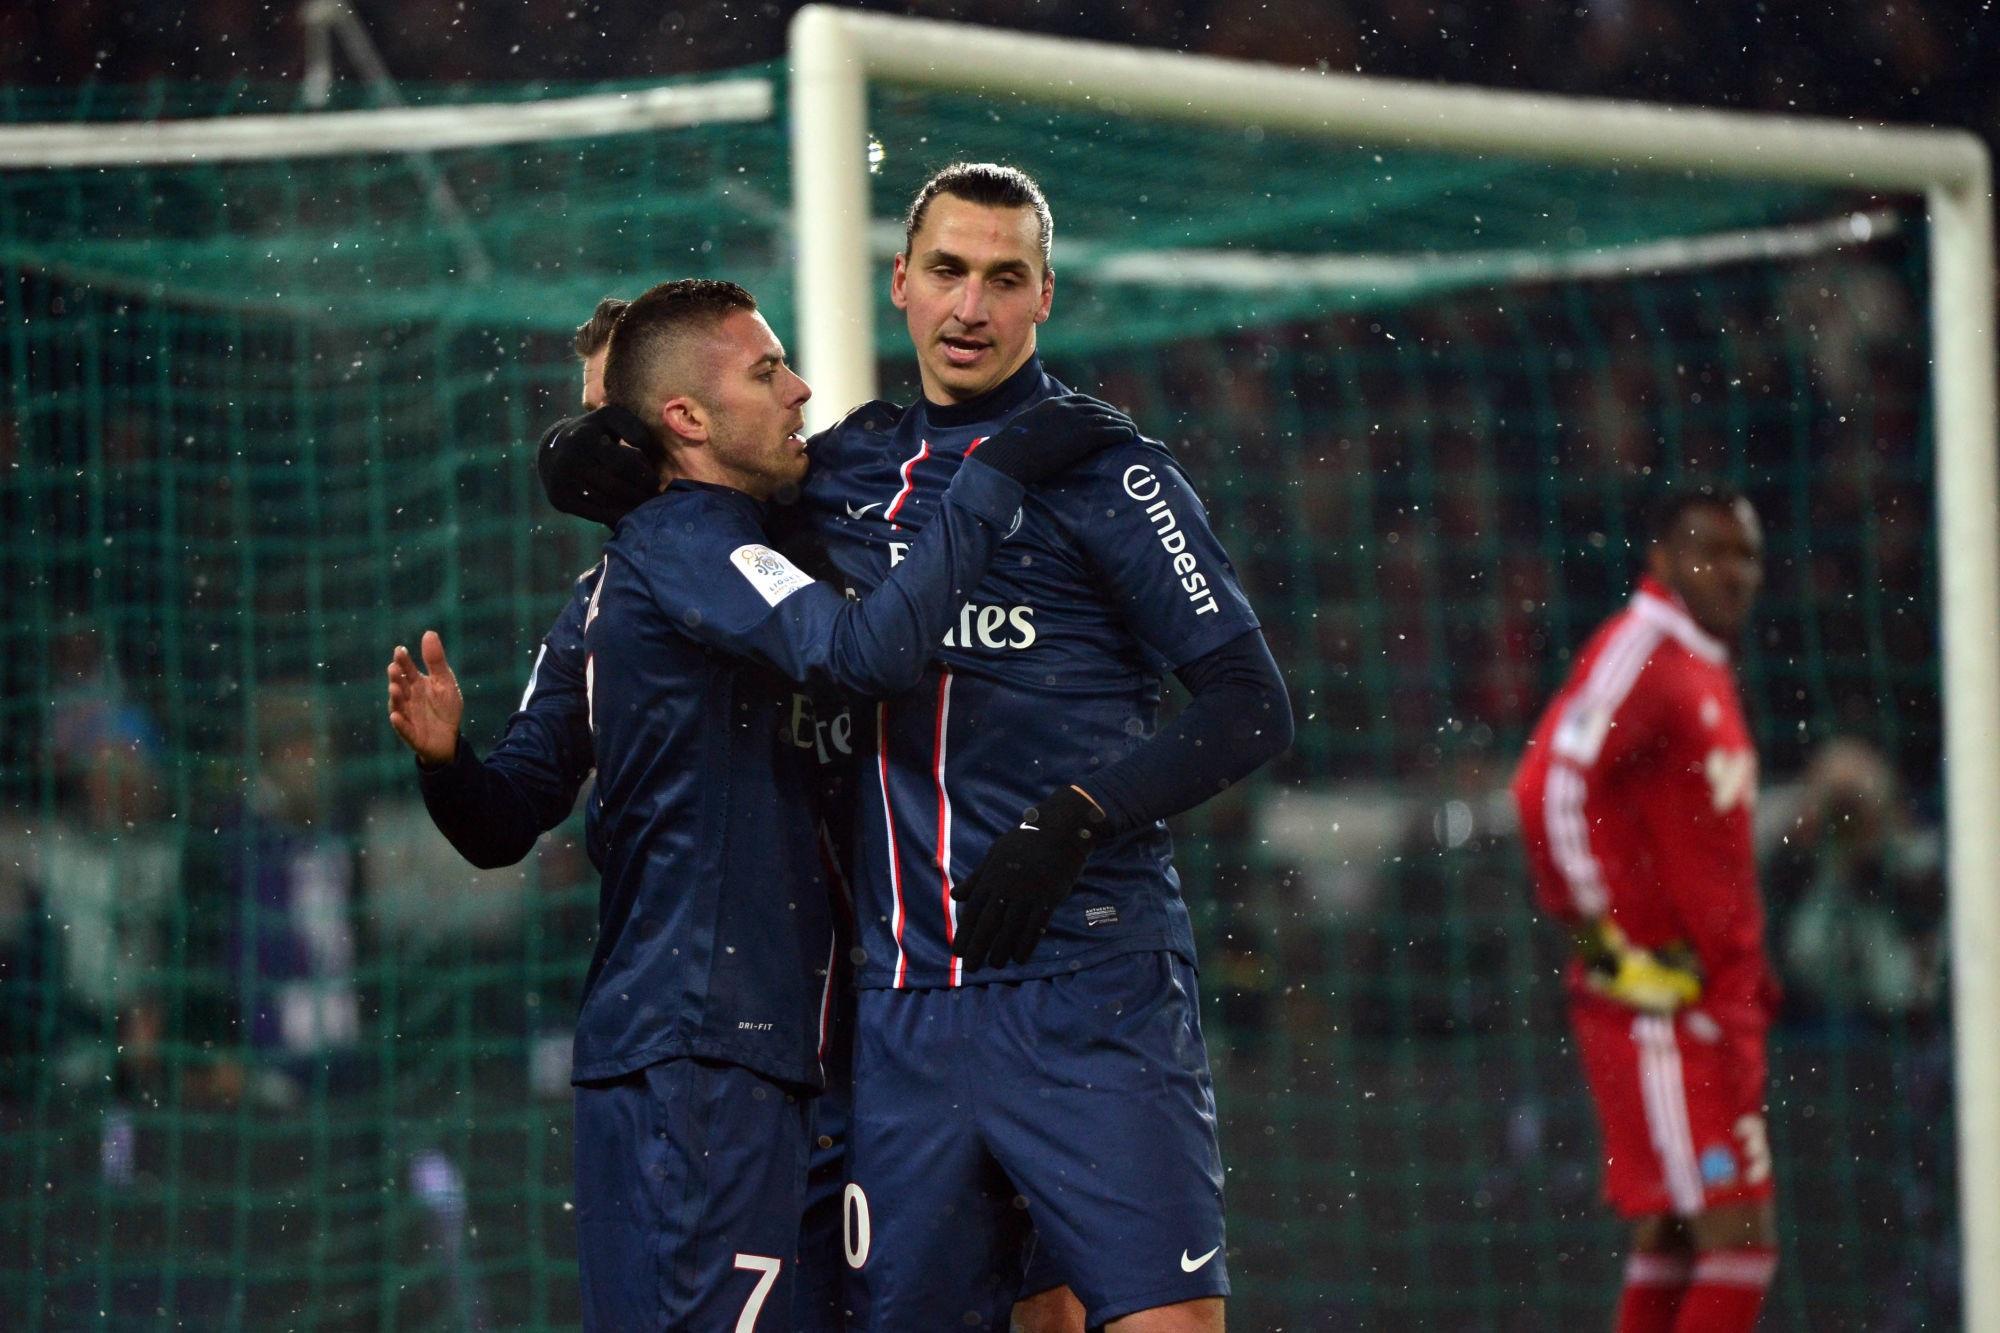 """Ménez """"remercie"""" Zlatan Ibrahimovic, qui l'a aidé à grandir"""